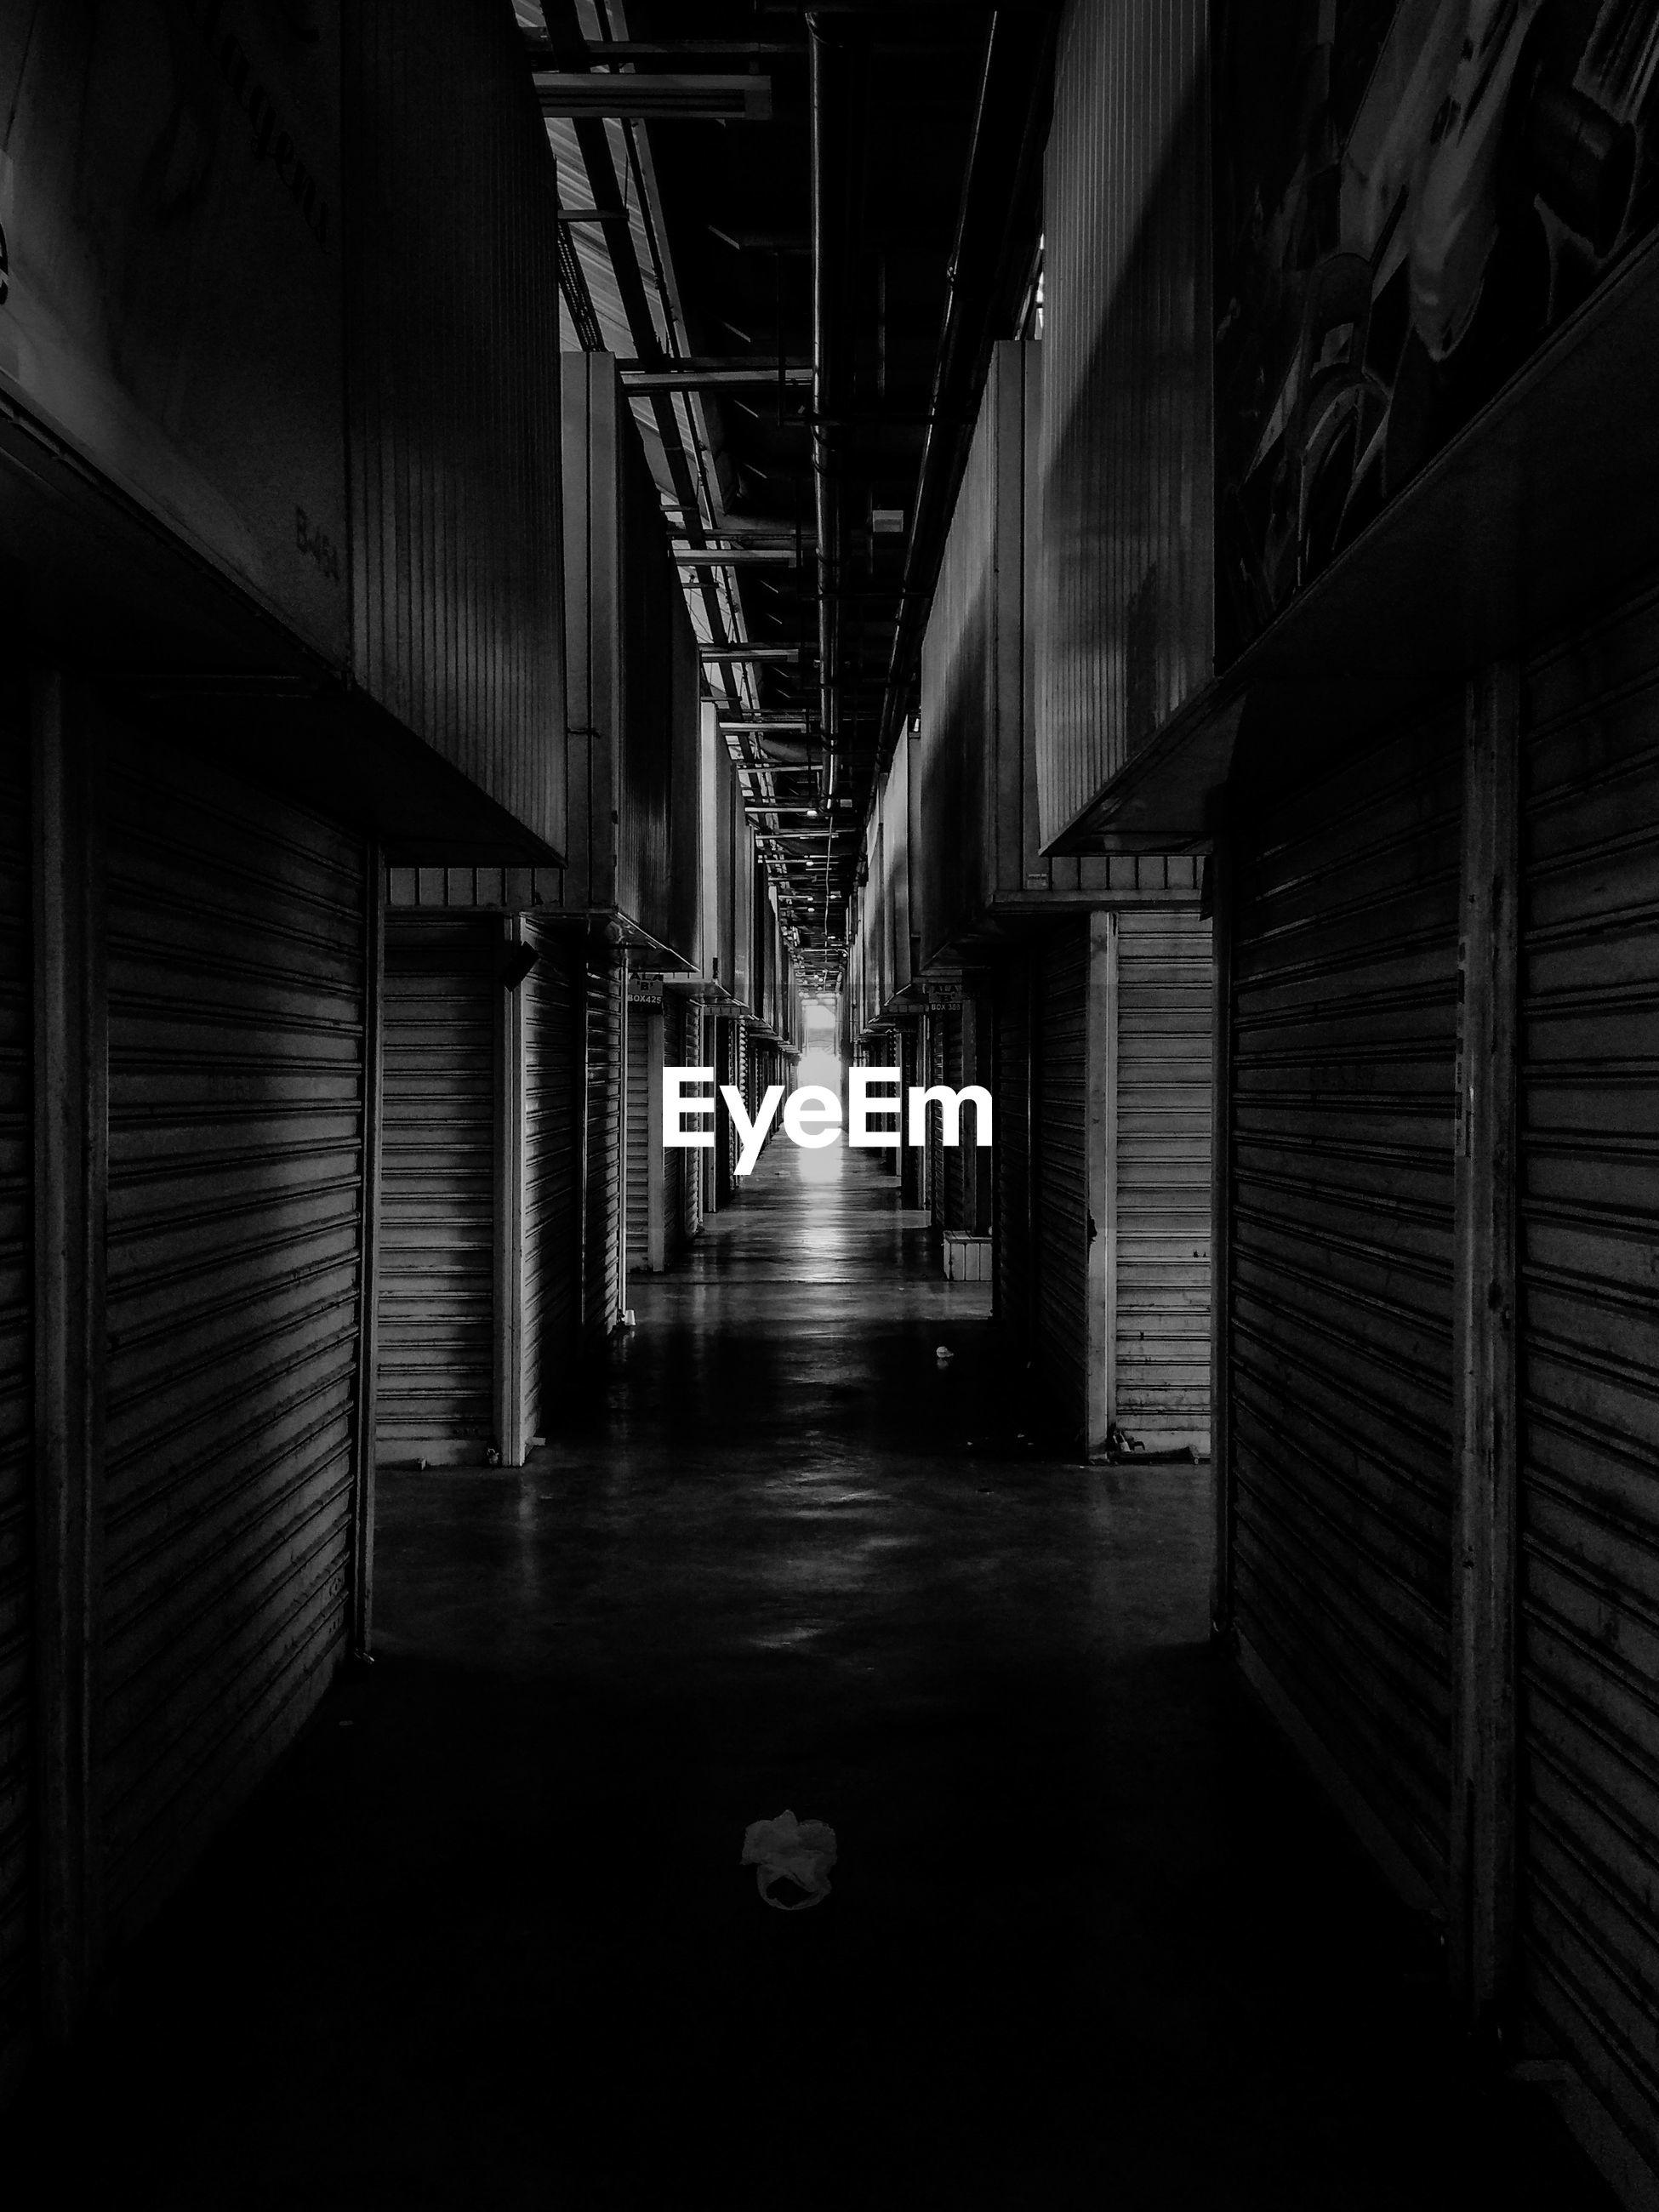 Empty corridor amidst stores in building